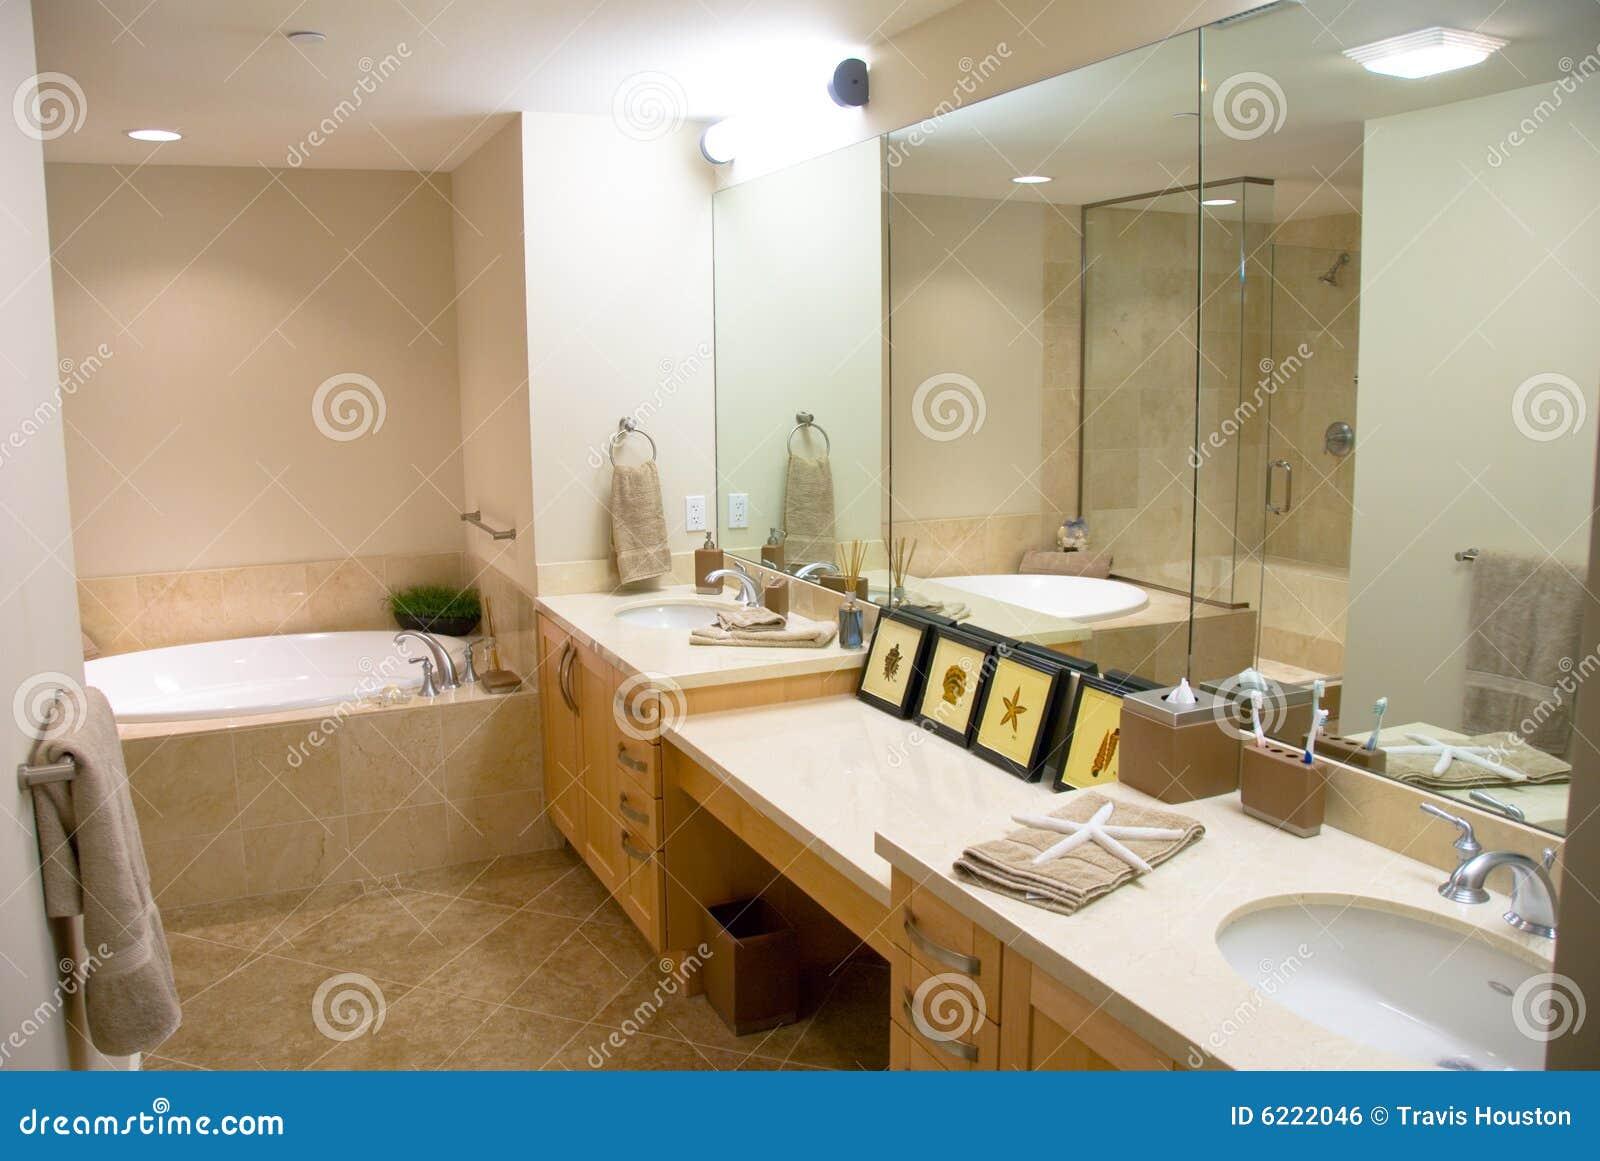 Baños Con Tina Fotos:Cuarto De Baño Del Diseñador Con Una Tina Moderna Imagen de archivo